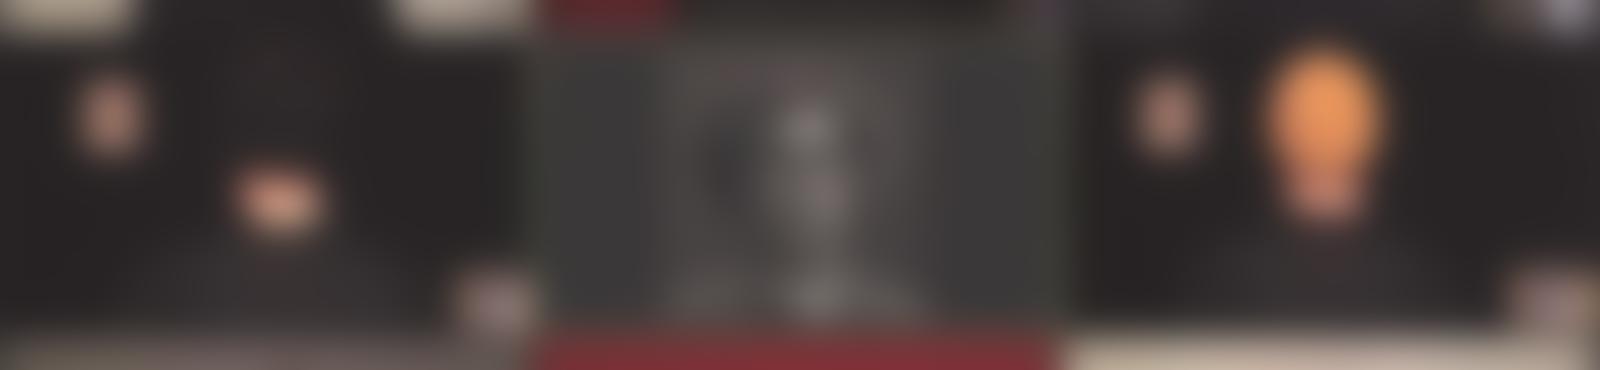 Blurred 829ad92a 54ca 4d0f 80d6 b3092a67e6f8